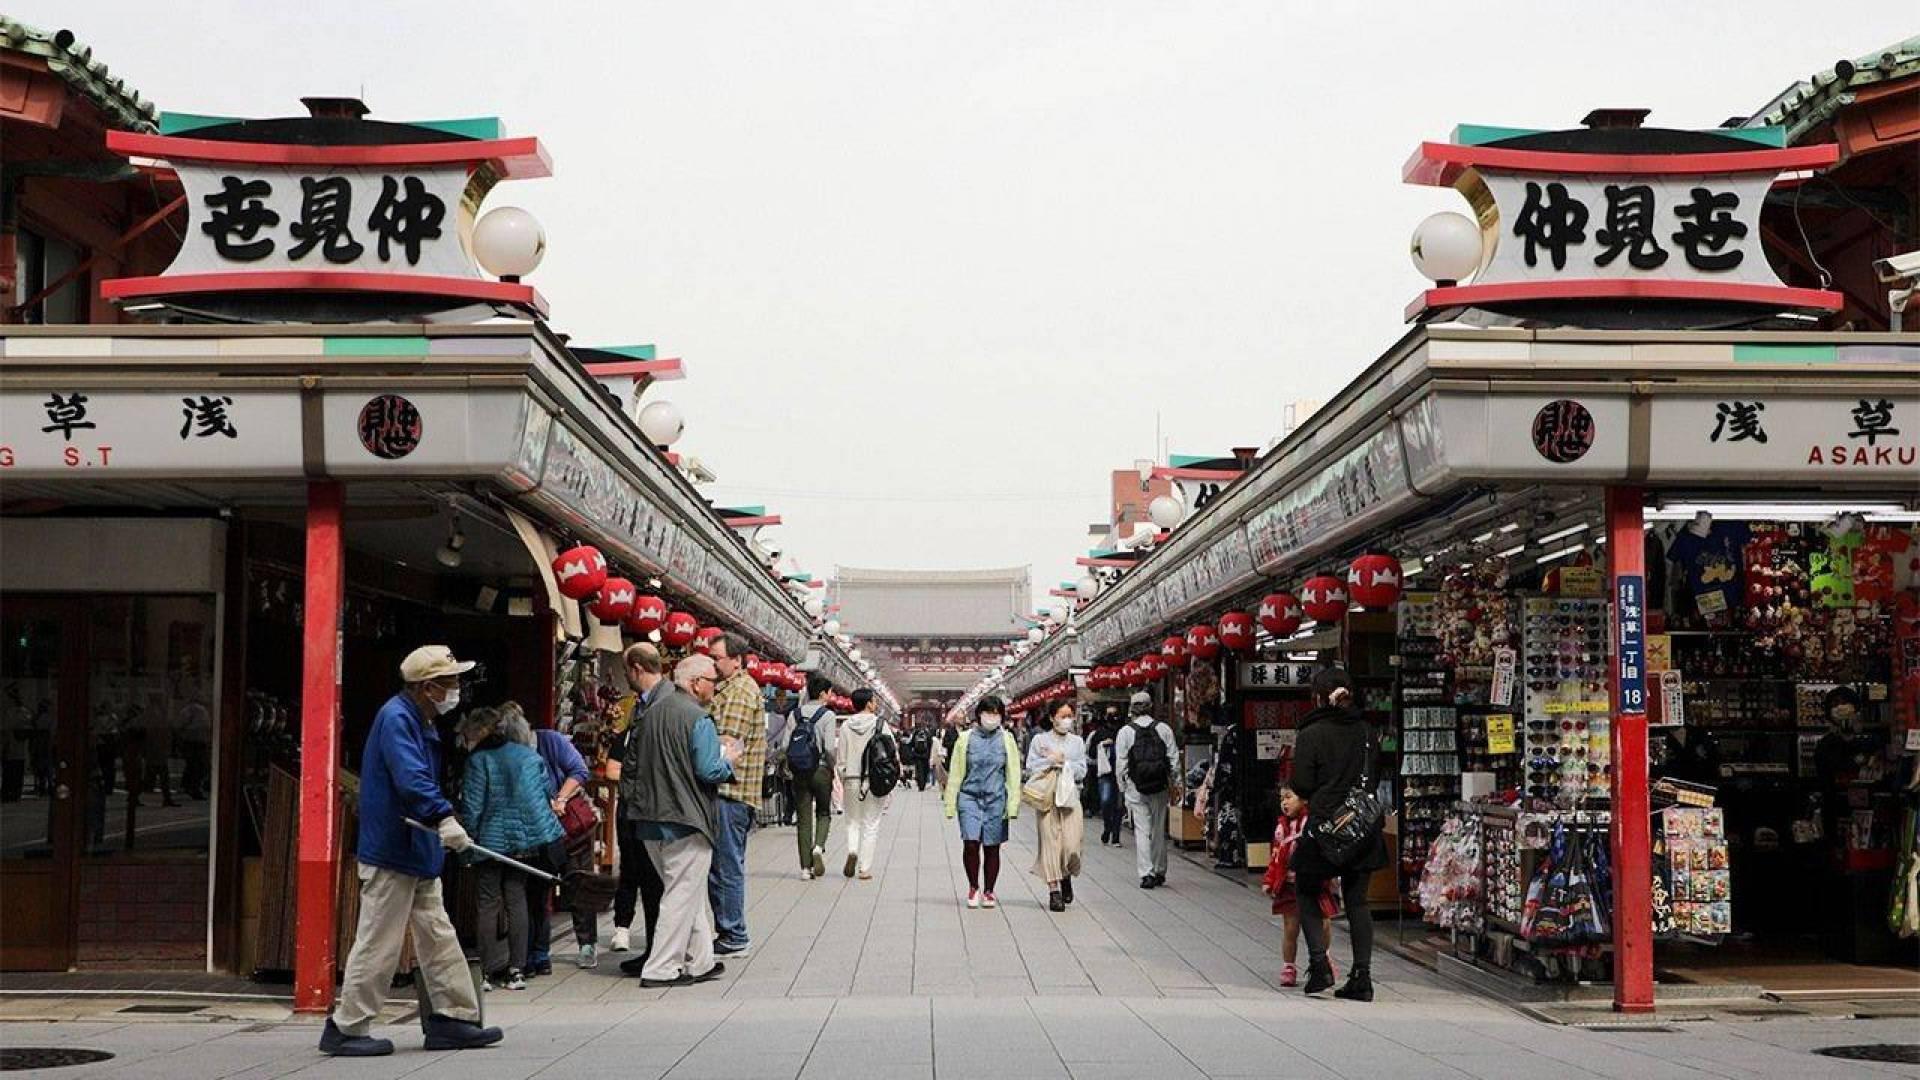 حاكمة طوكيو تعلن مزيداً من إجراءات تخفيف قيود العزل العام